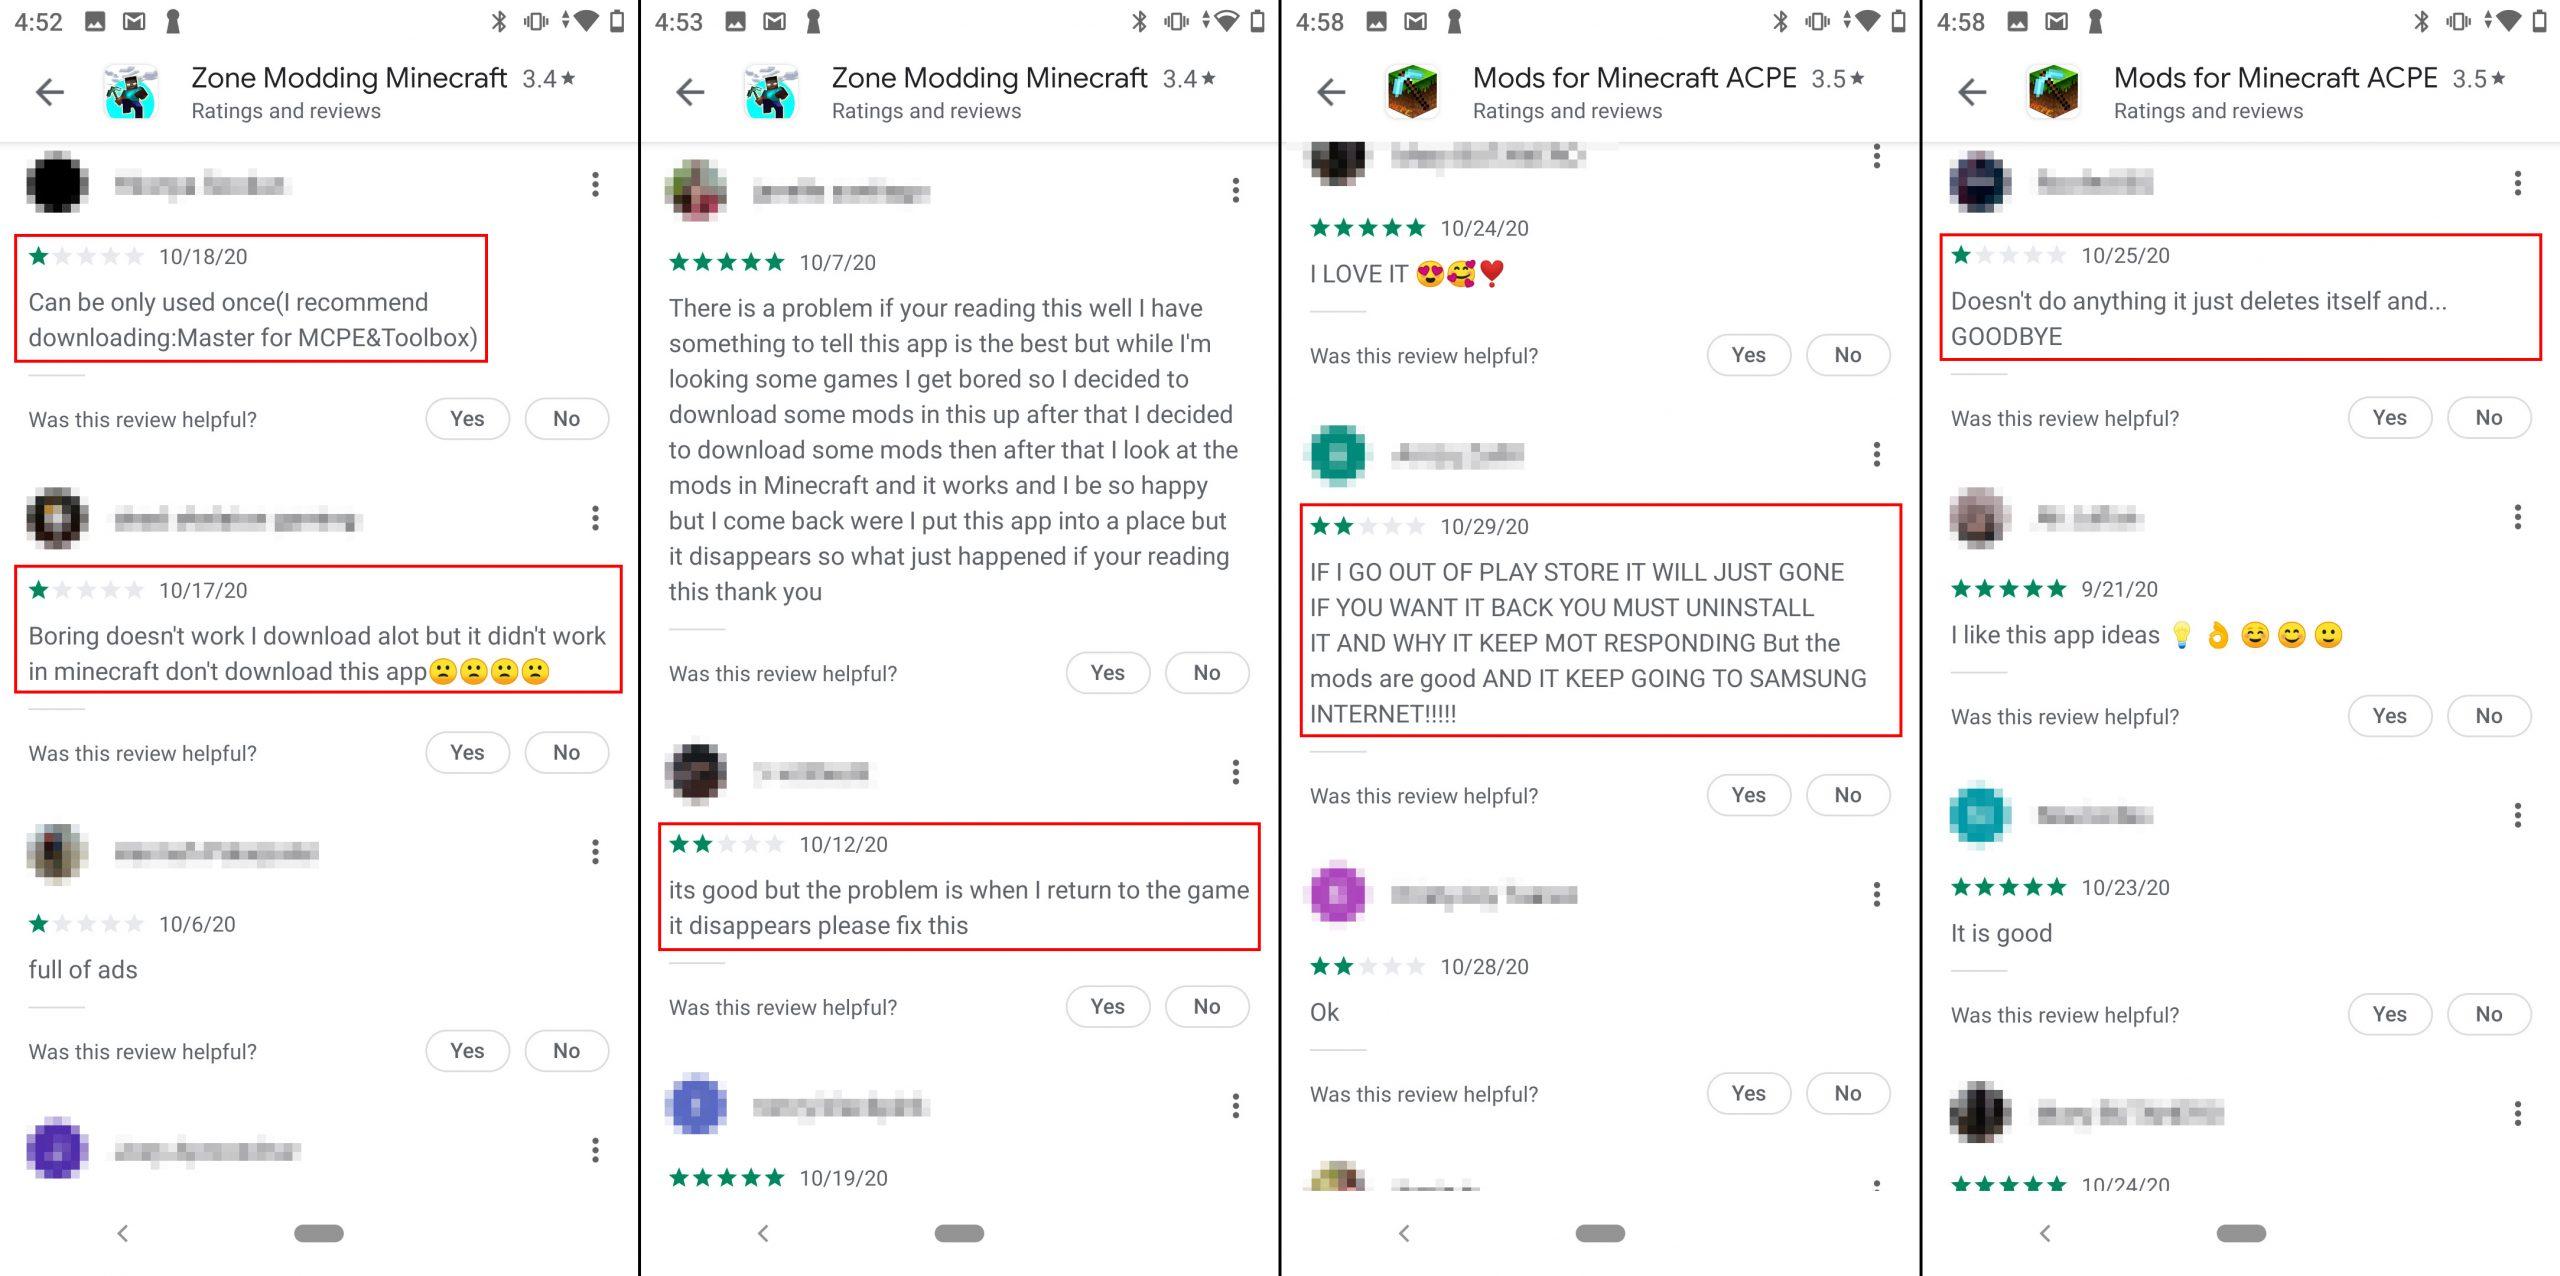 Benutzer beklagen sich, dass die App nicht funktioniert und sich anscheinend von alleine löscht